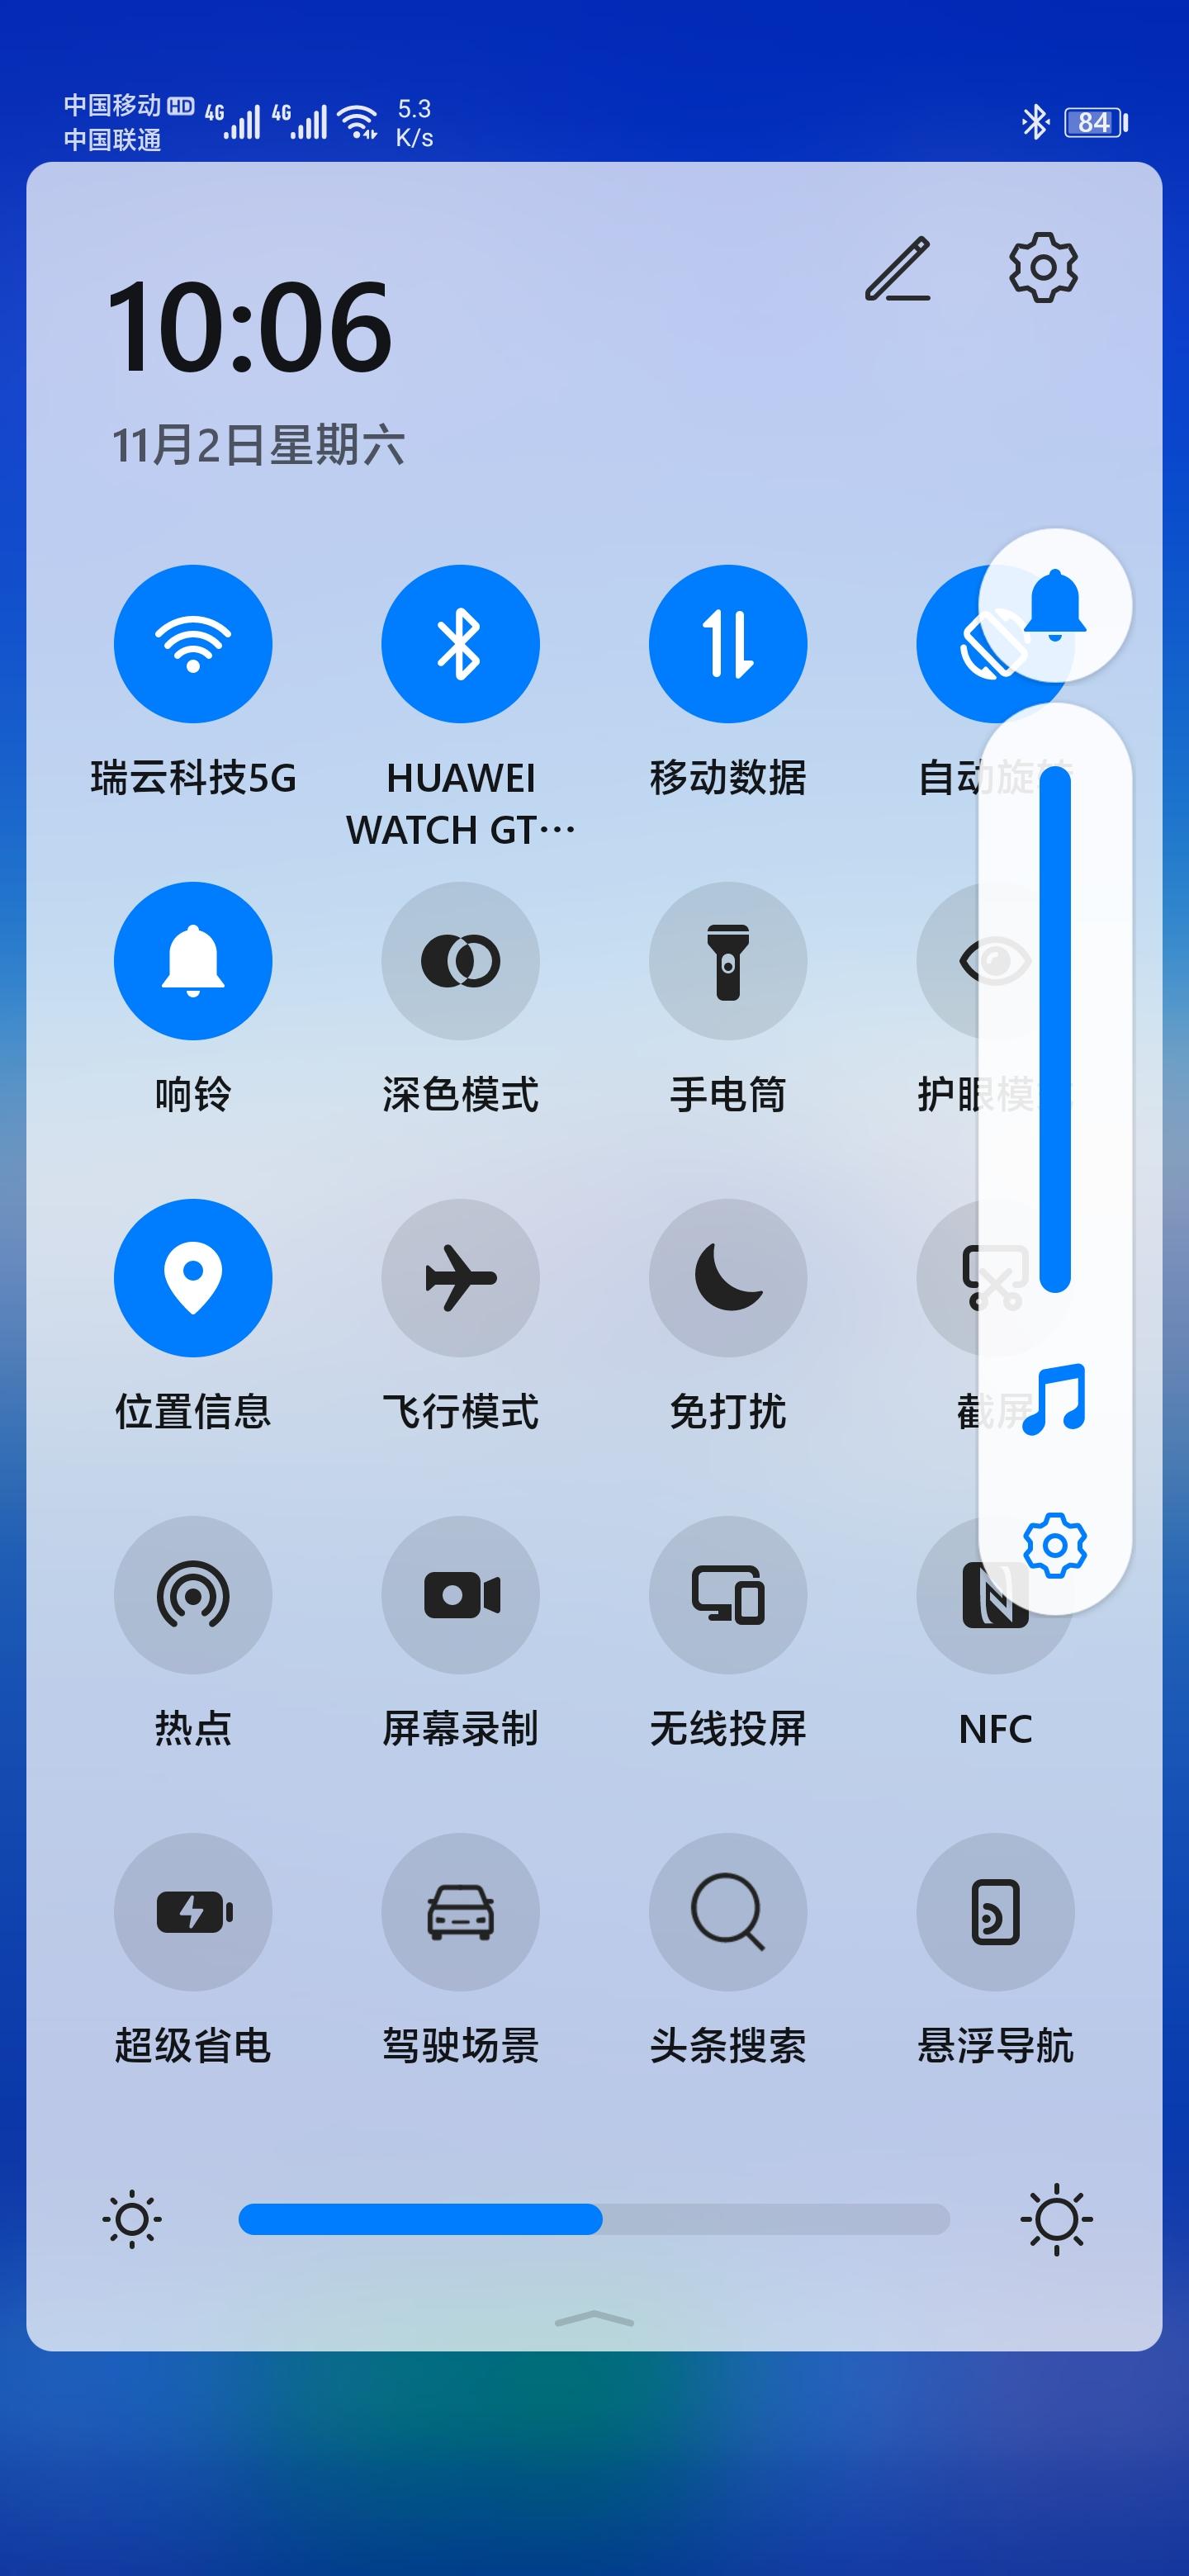 Screenshot_20191102_100638_com.huawei.android.launcher.jpg